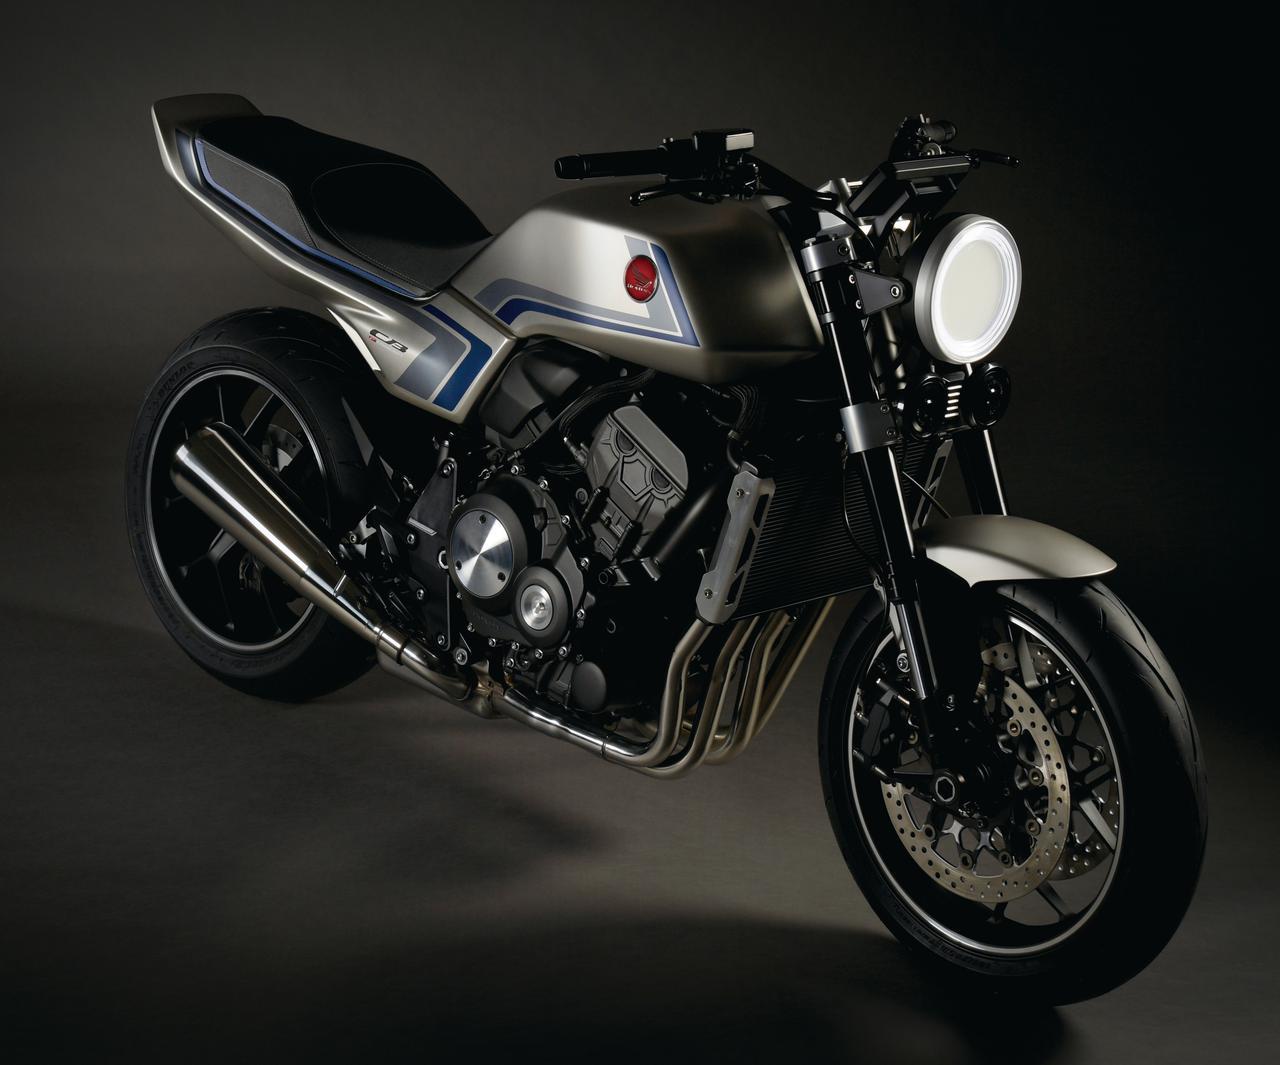 Images : 2番目の画像 - Honda CB-F CONCEPTの写真をまとめて見る! - webオートバイ